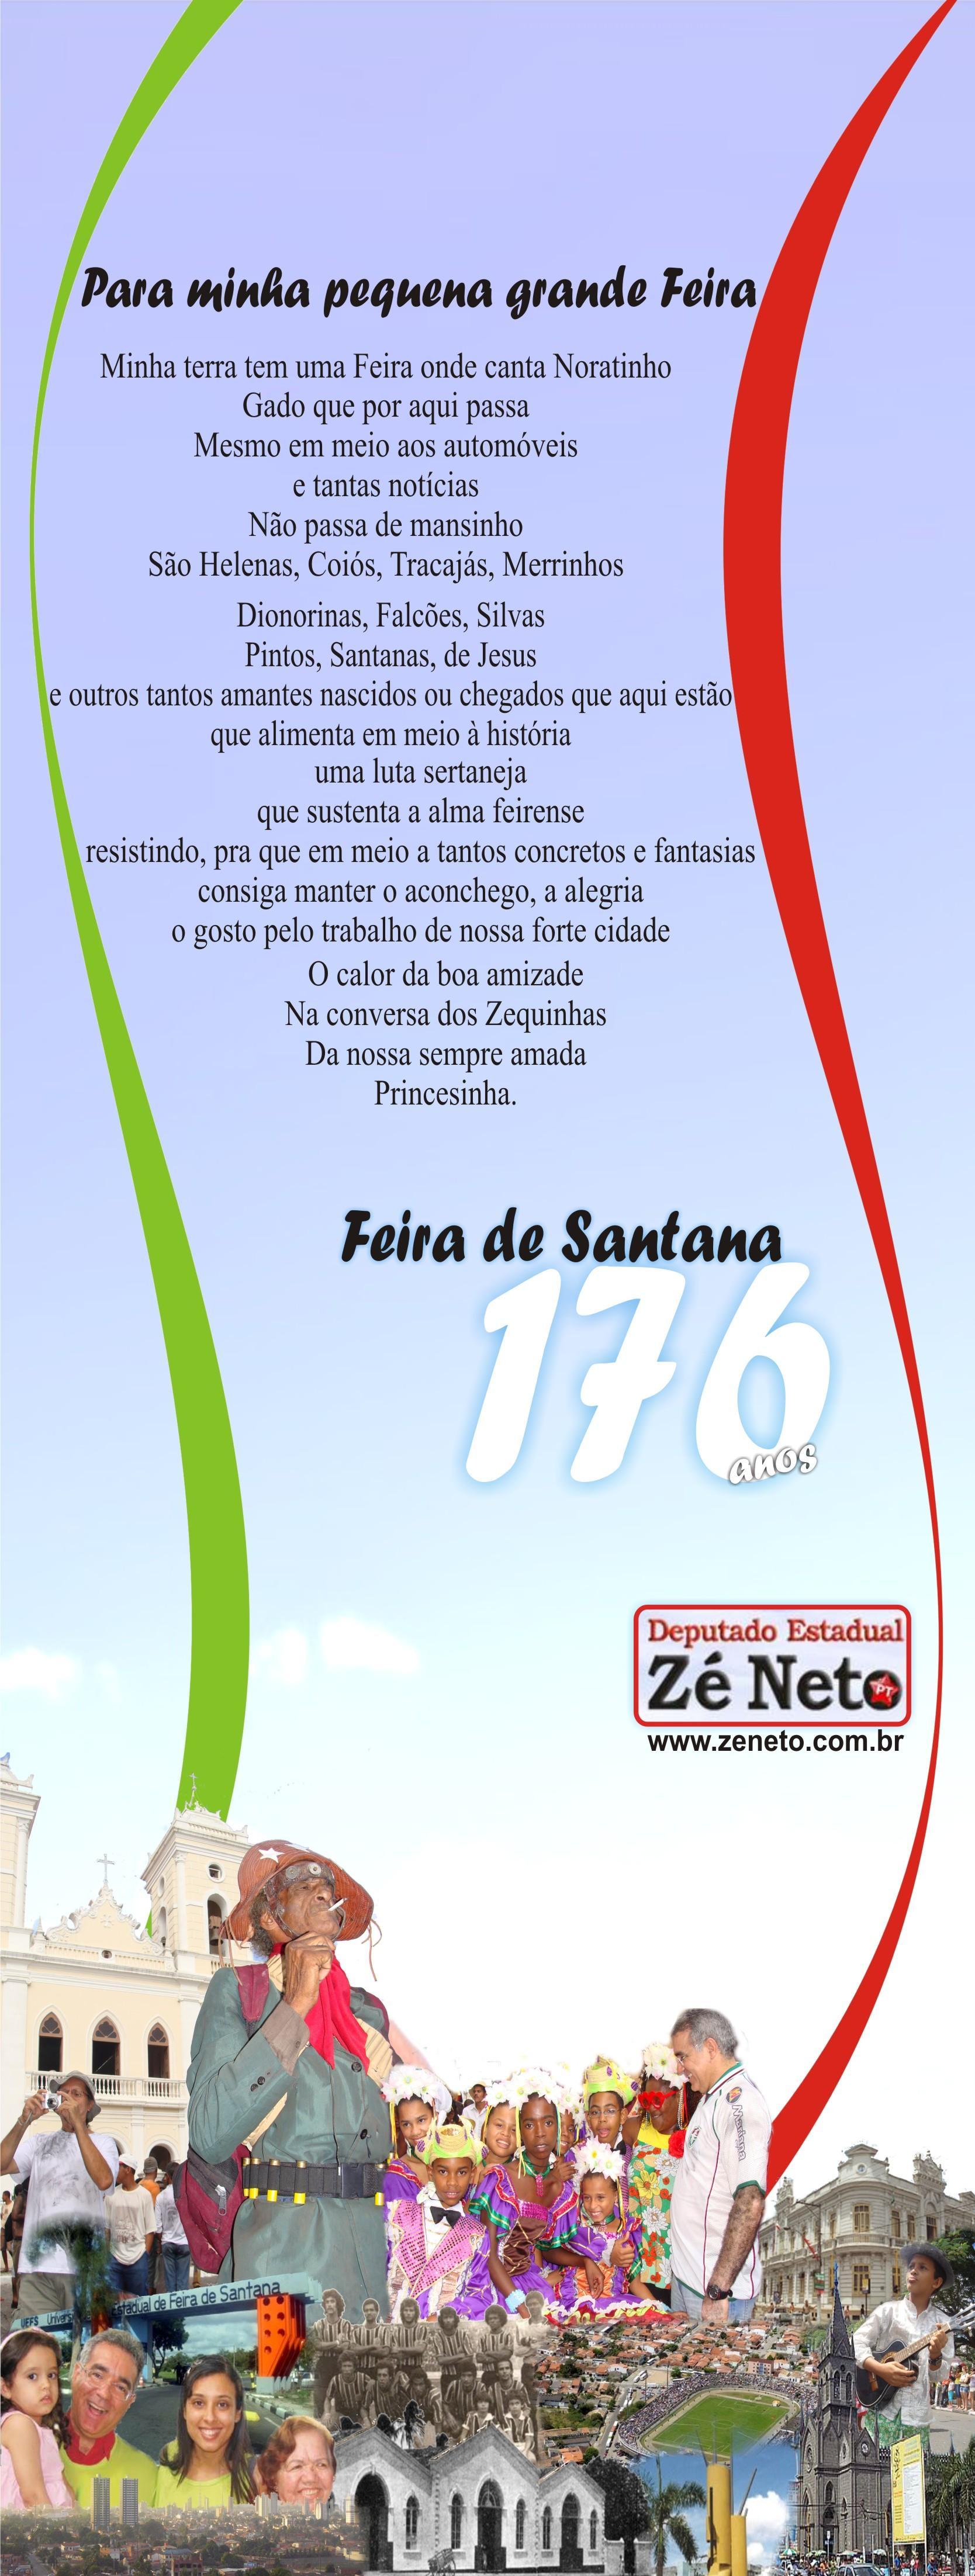 176 anos de Feira de Santana